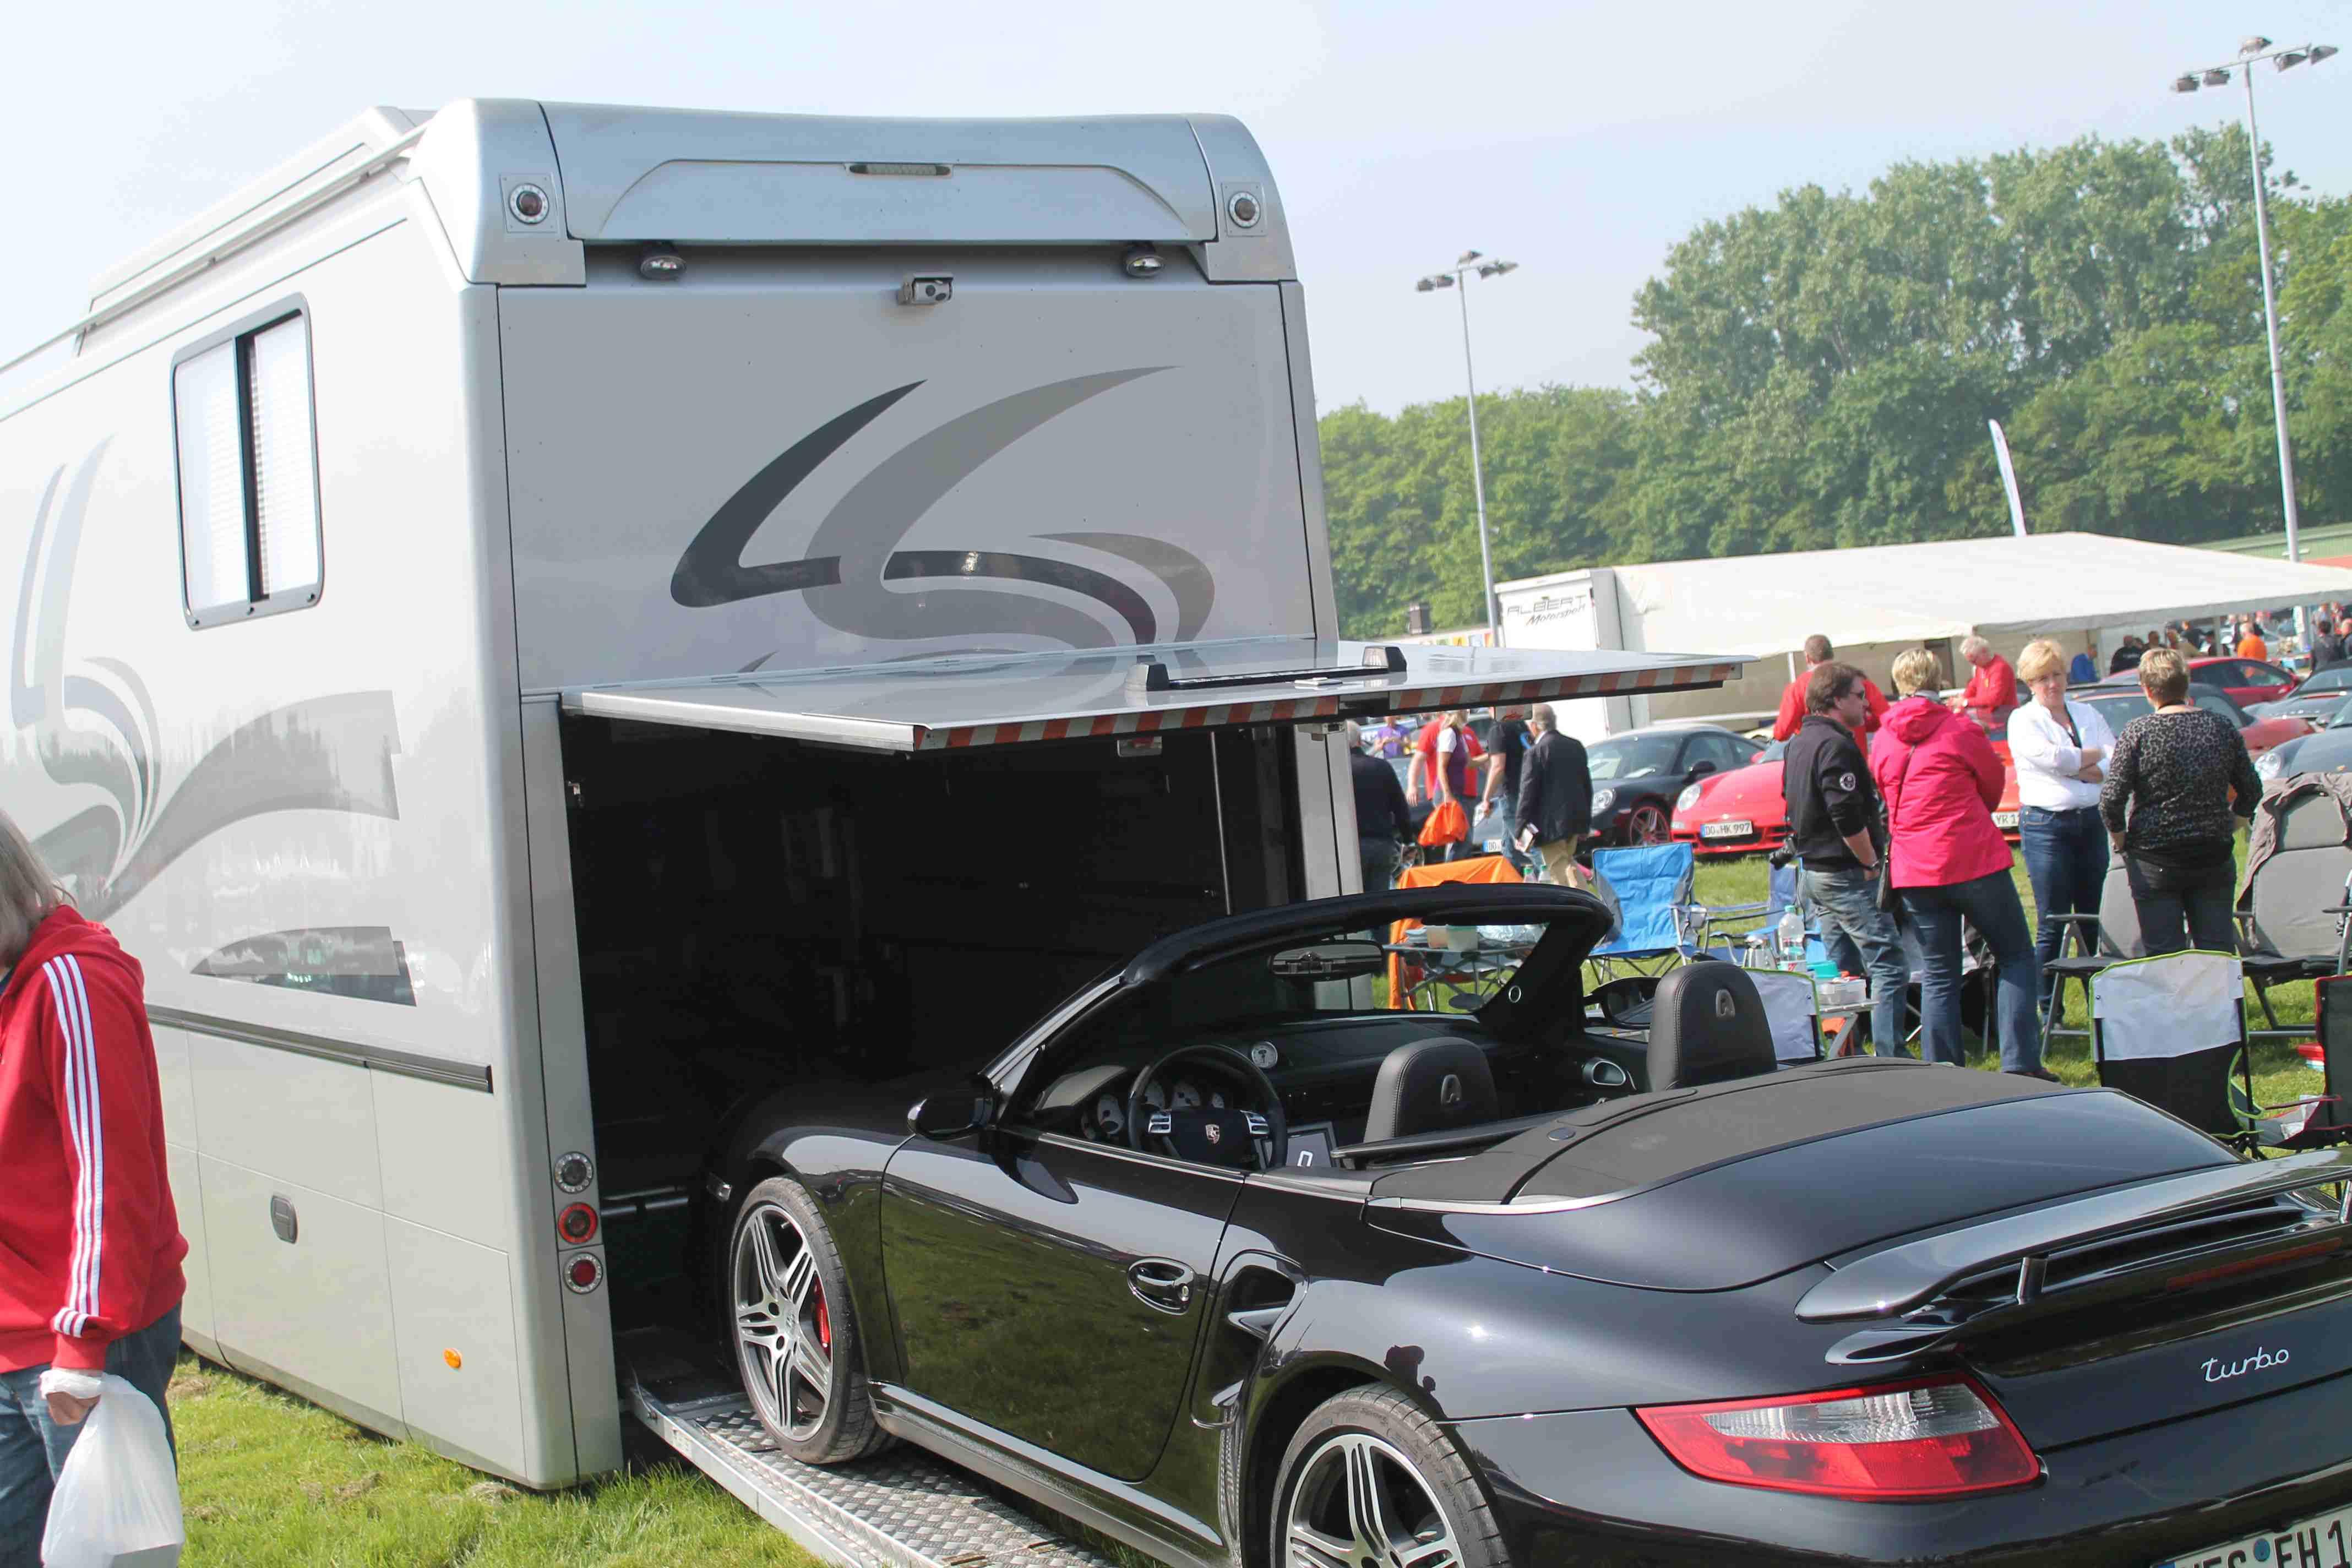 Wohnmobil mit Garage für einen Porsche